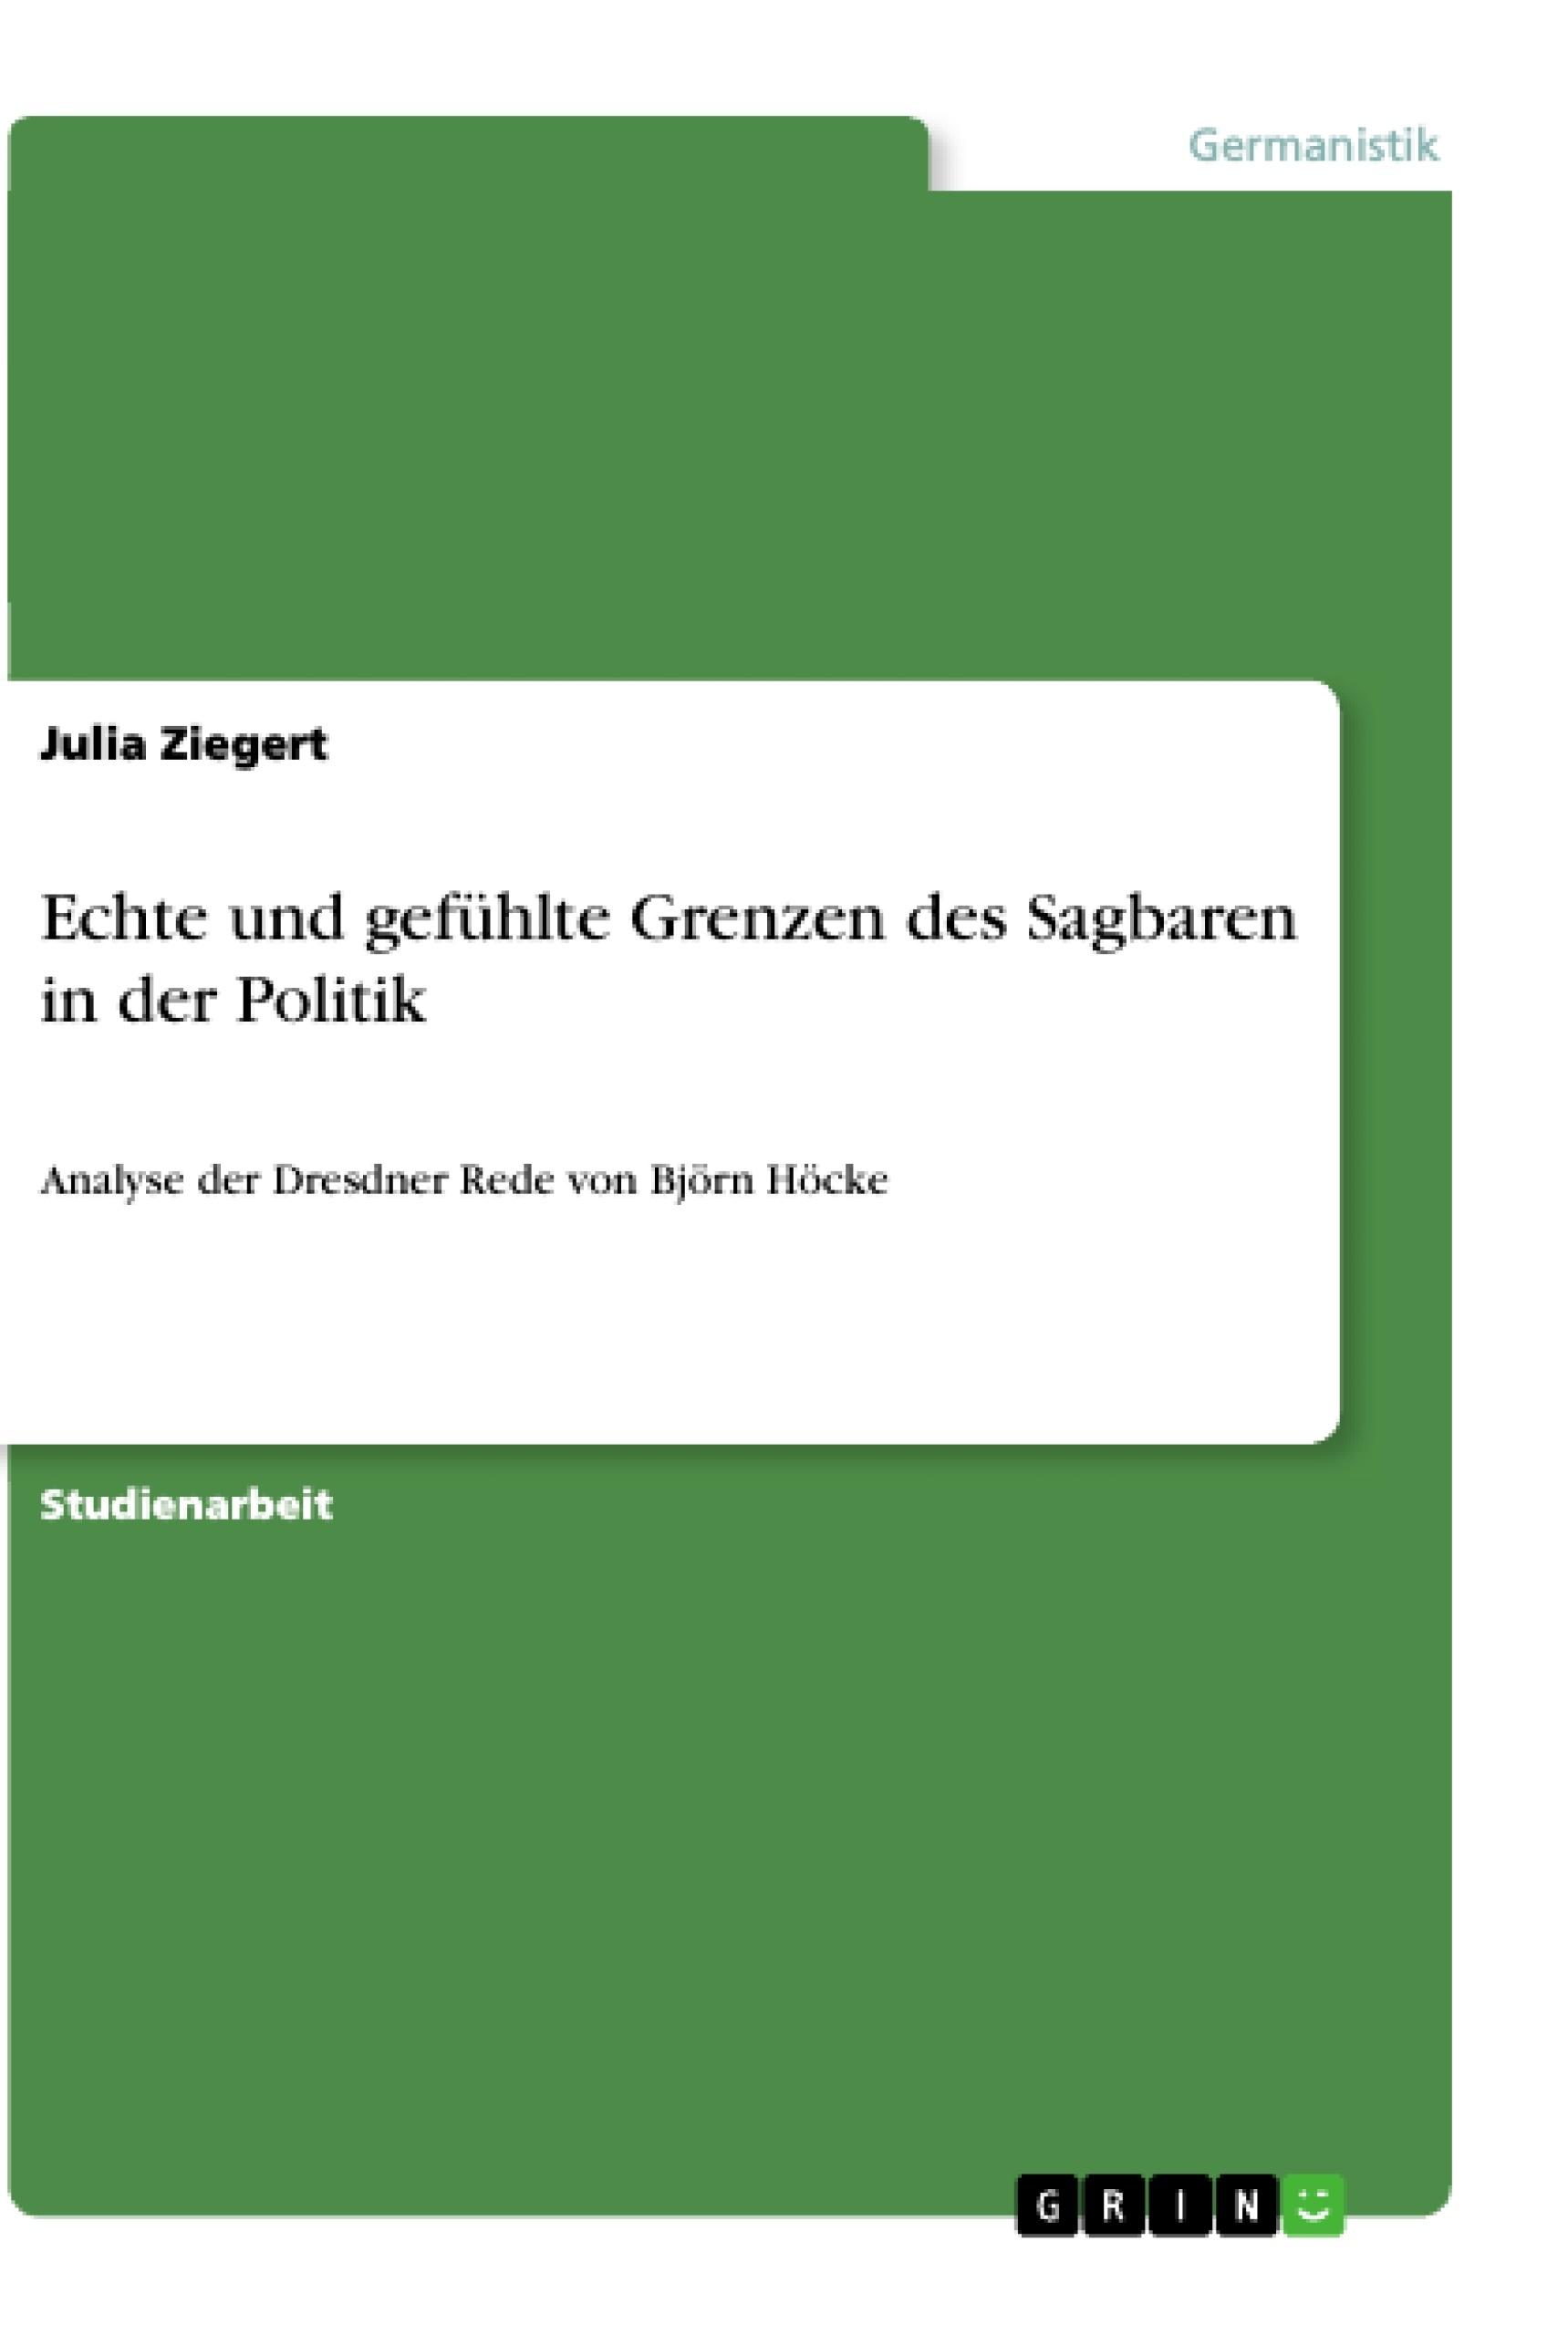 Titel: Echte und gefühlte Grenzen des Sagbaren in der Politik